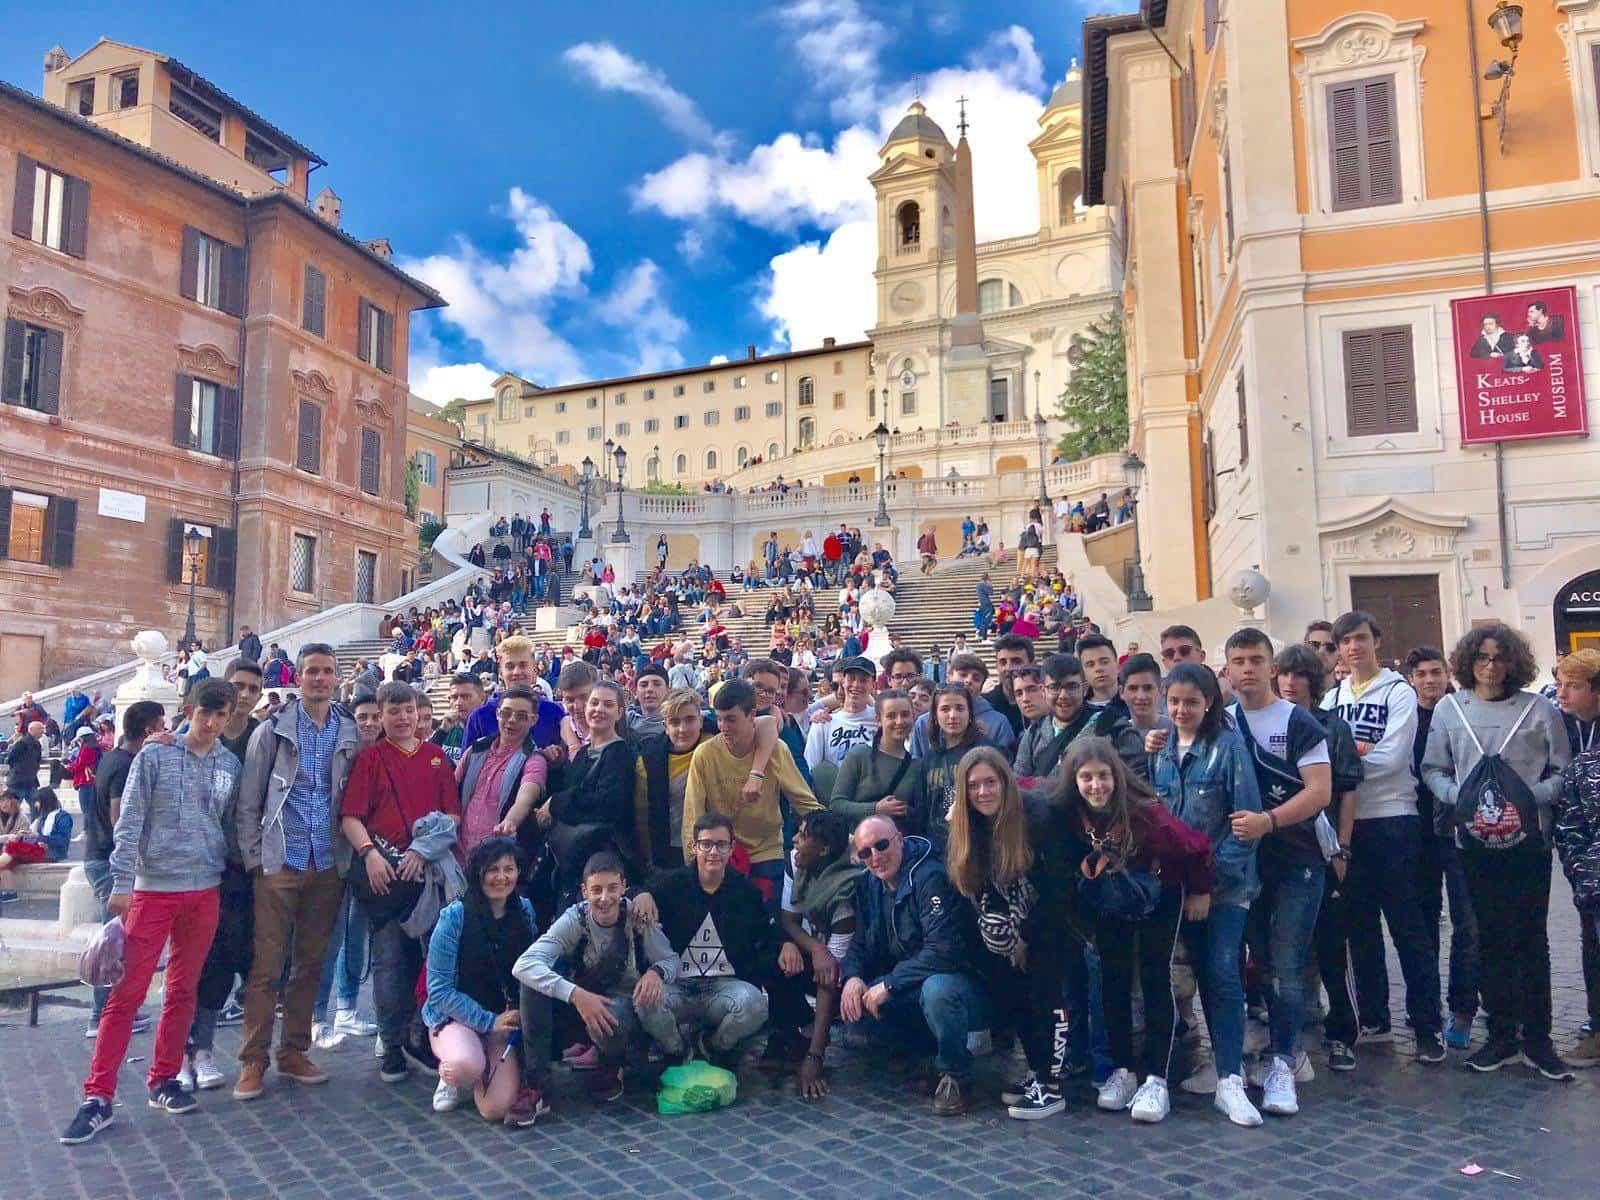 Alumnos del colegio Seminario Menor Mercedario viajan a Roma2 - Alumnos del colegio Seminario Menor Mercedario viajan a Roma